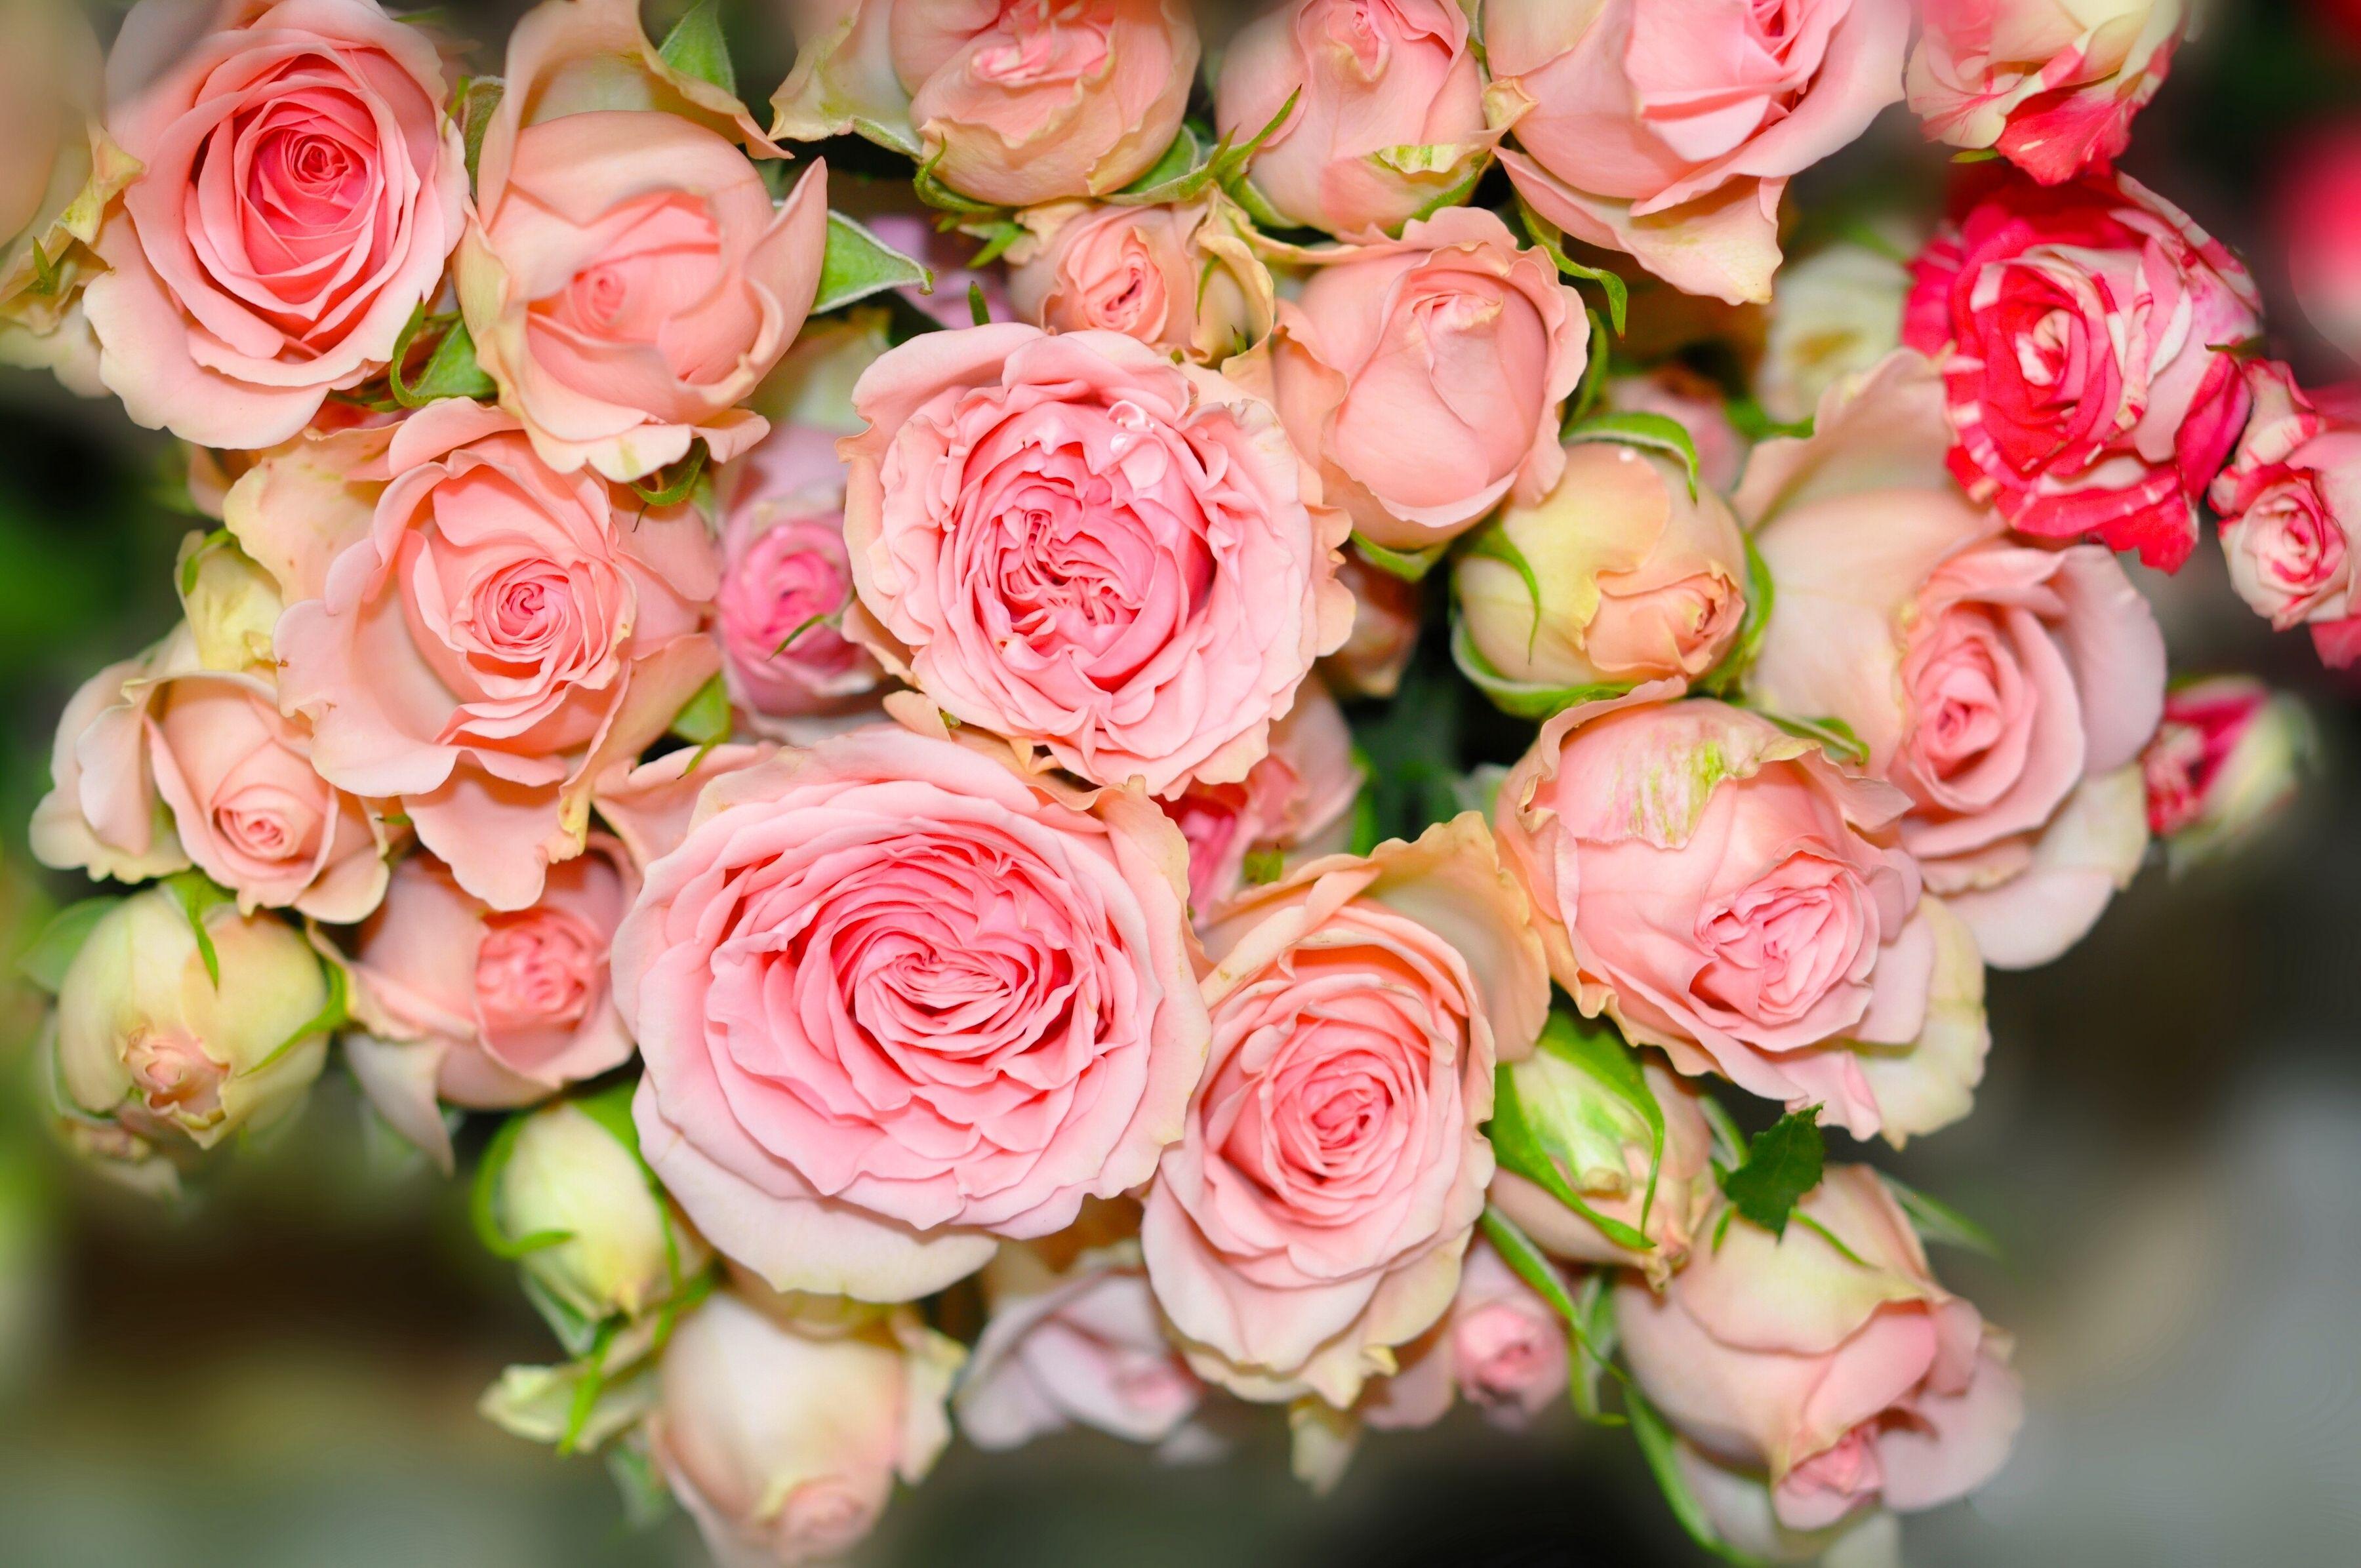 картинки высокого разрешения розовые розы тут фото-архивах нашел